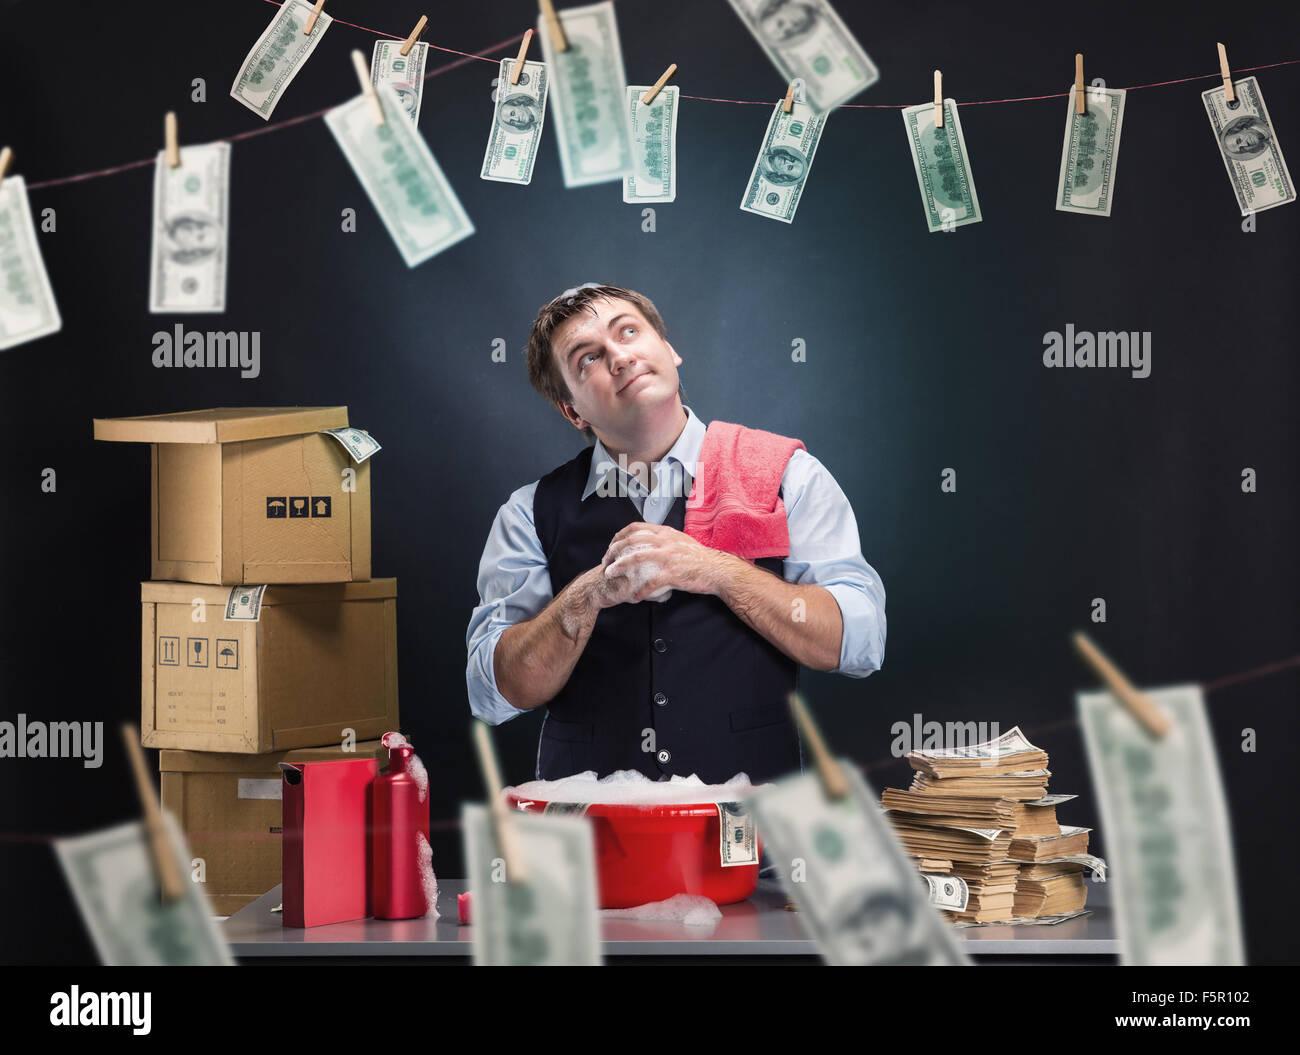 Felice proprietario è il riciclaggio di denaro banconote in schiuma nella Red una bacinella Immagini Stock